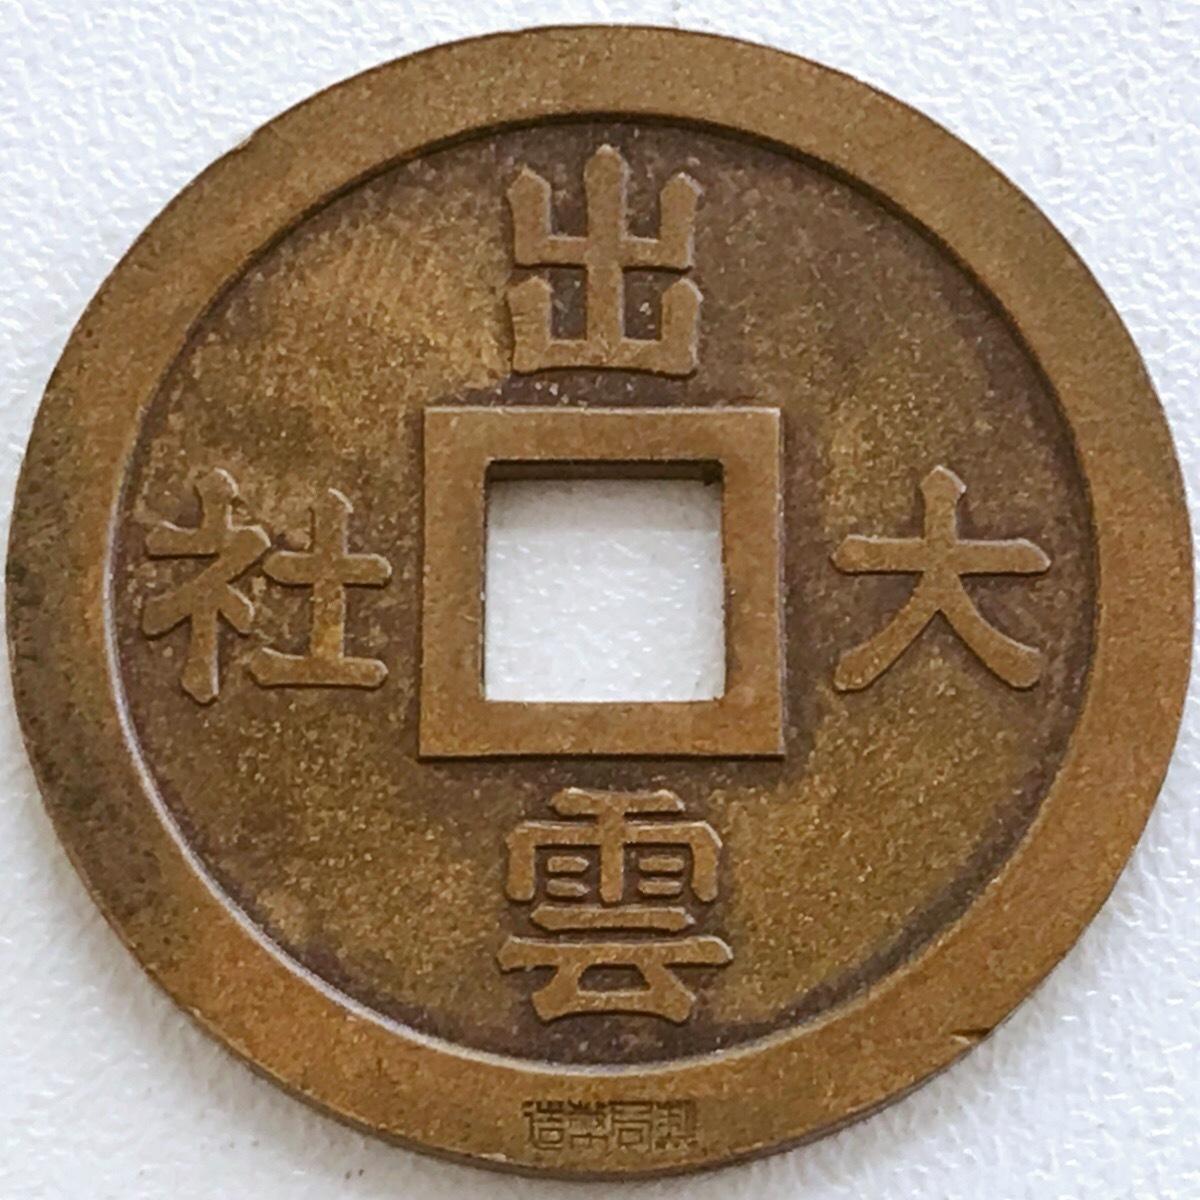 古銭◆ 絵銭 上棟銭◆ 出雲大社 / 拝殿上棟 /造幣局製/約5.4g